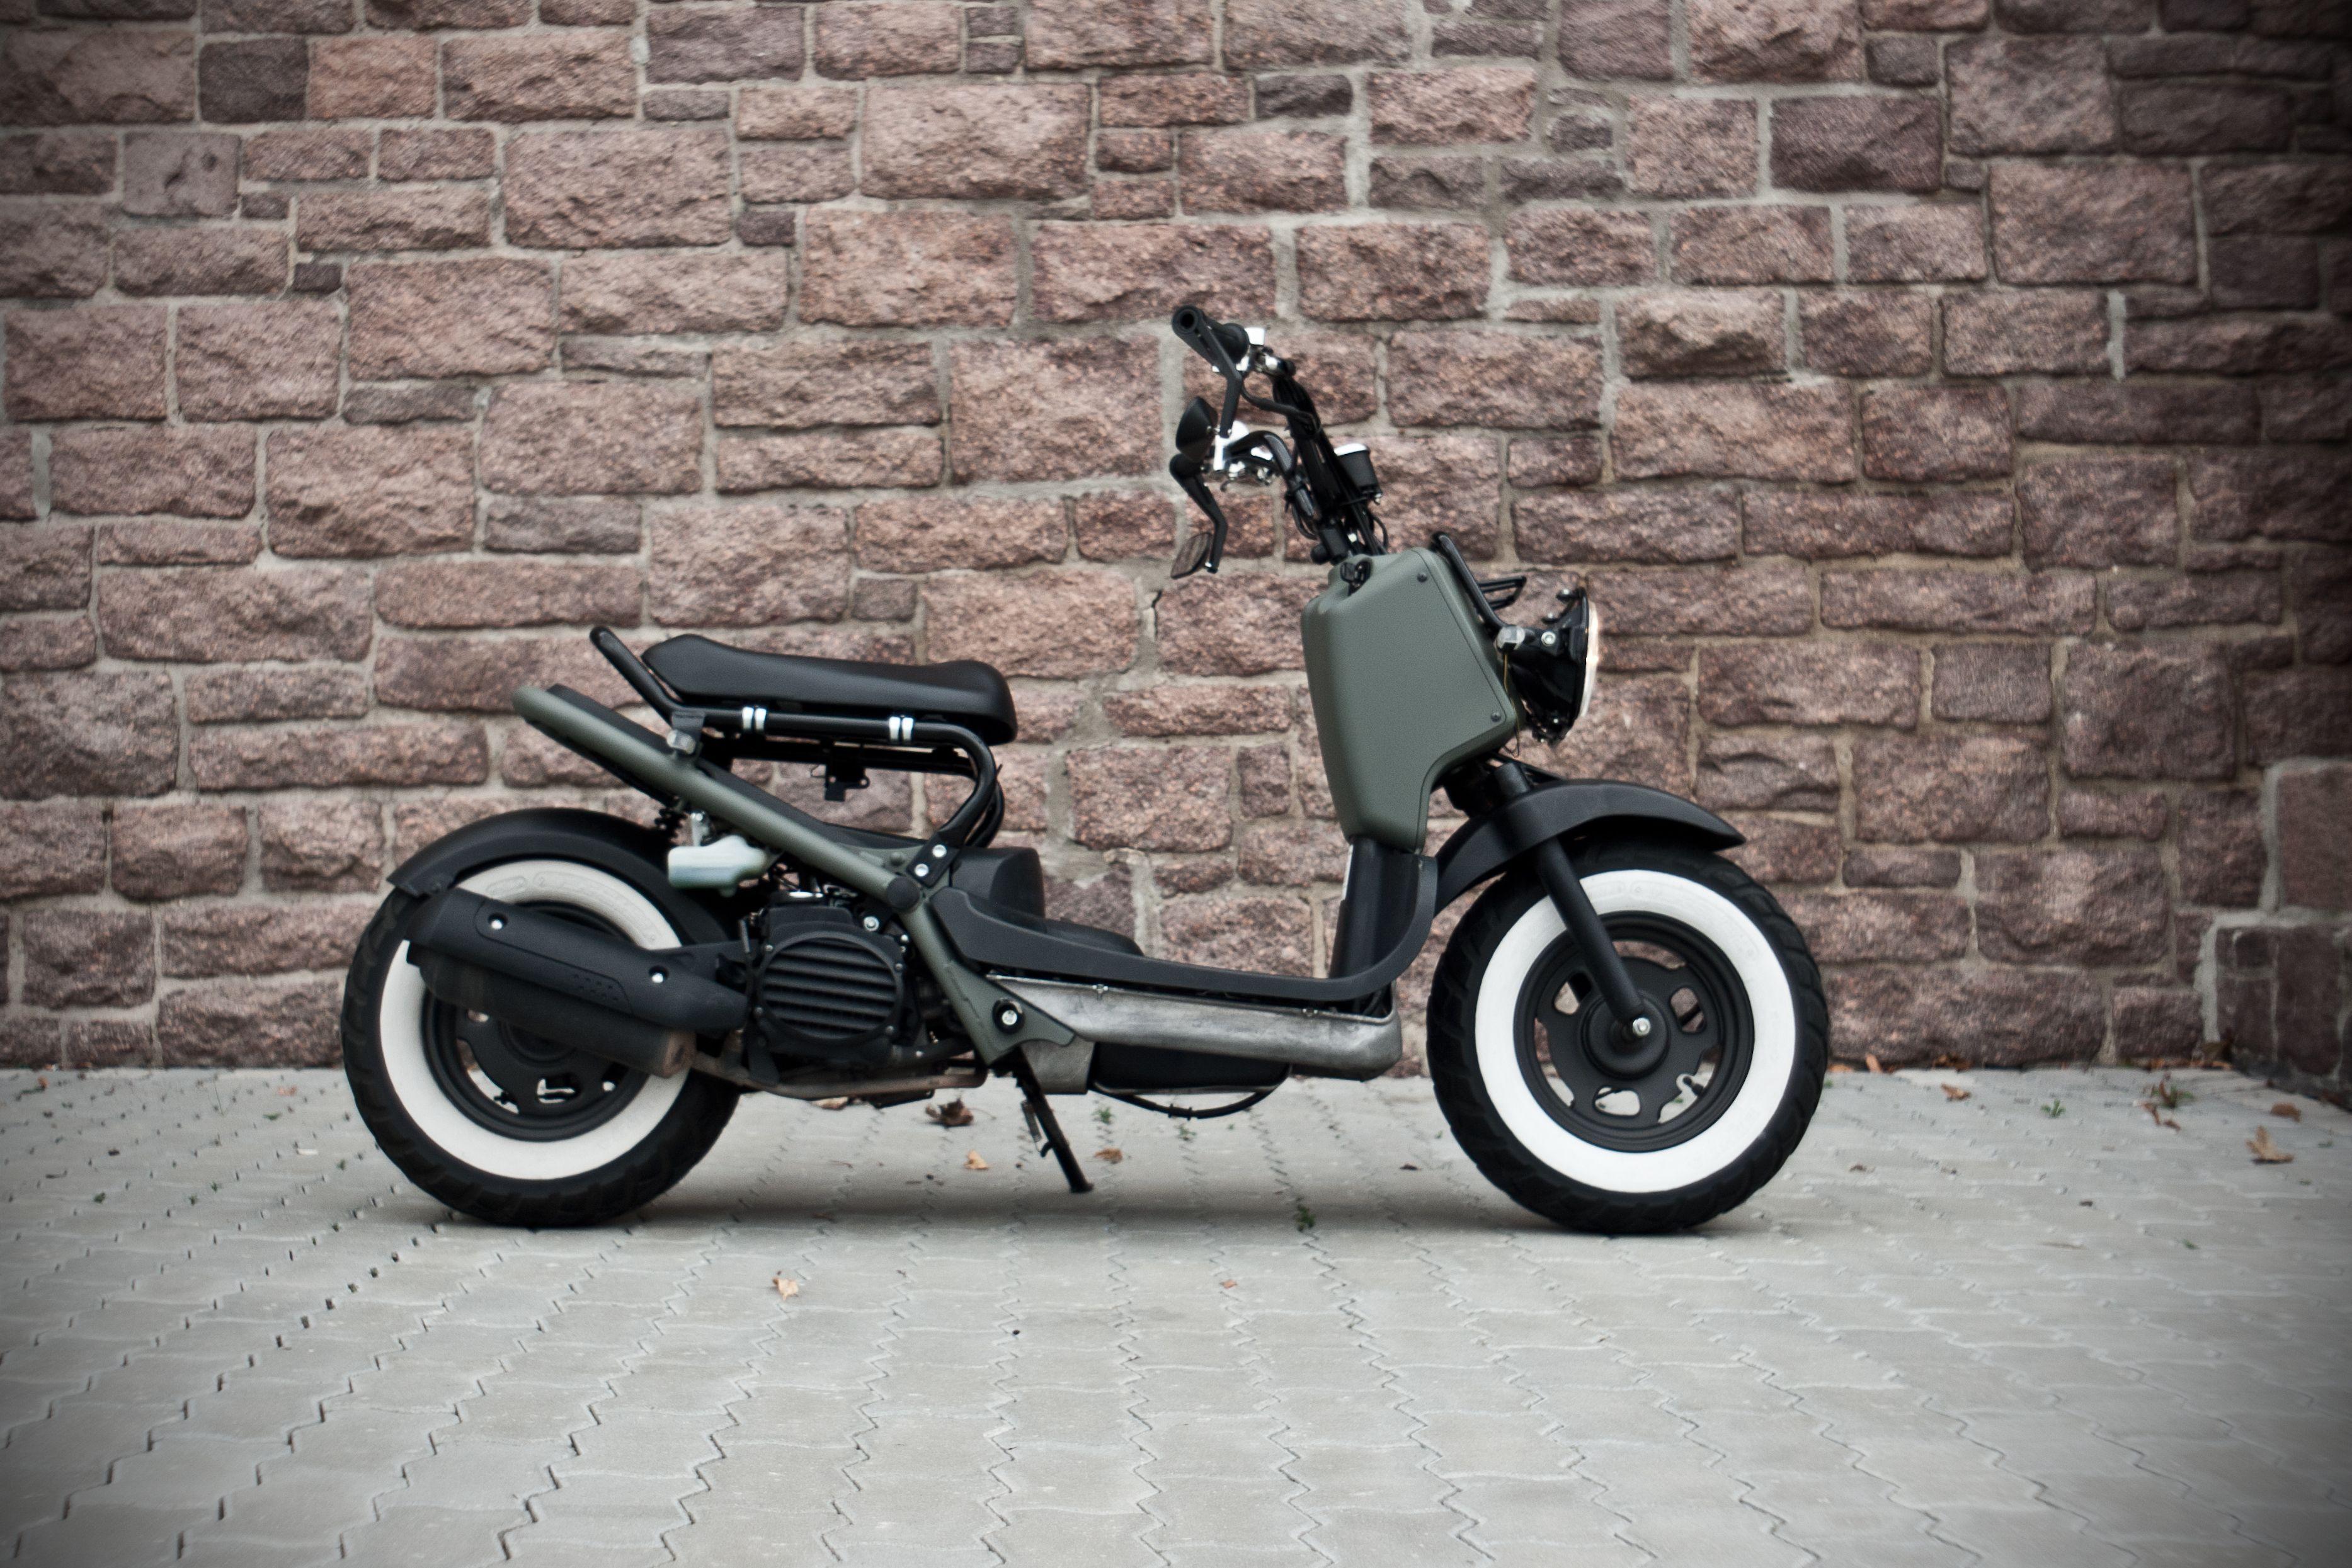 honda ruckus more electric bike pinterest. Black Bedroom Furniture Sets. Home Design Ideas